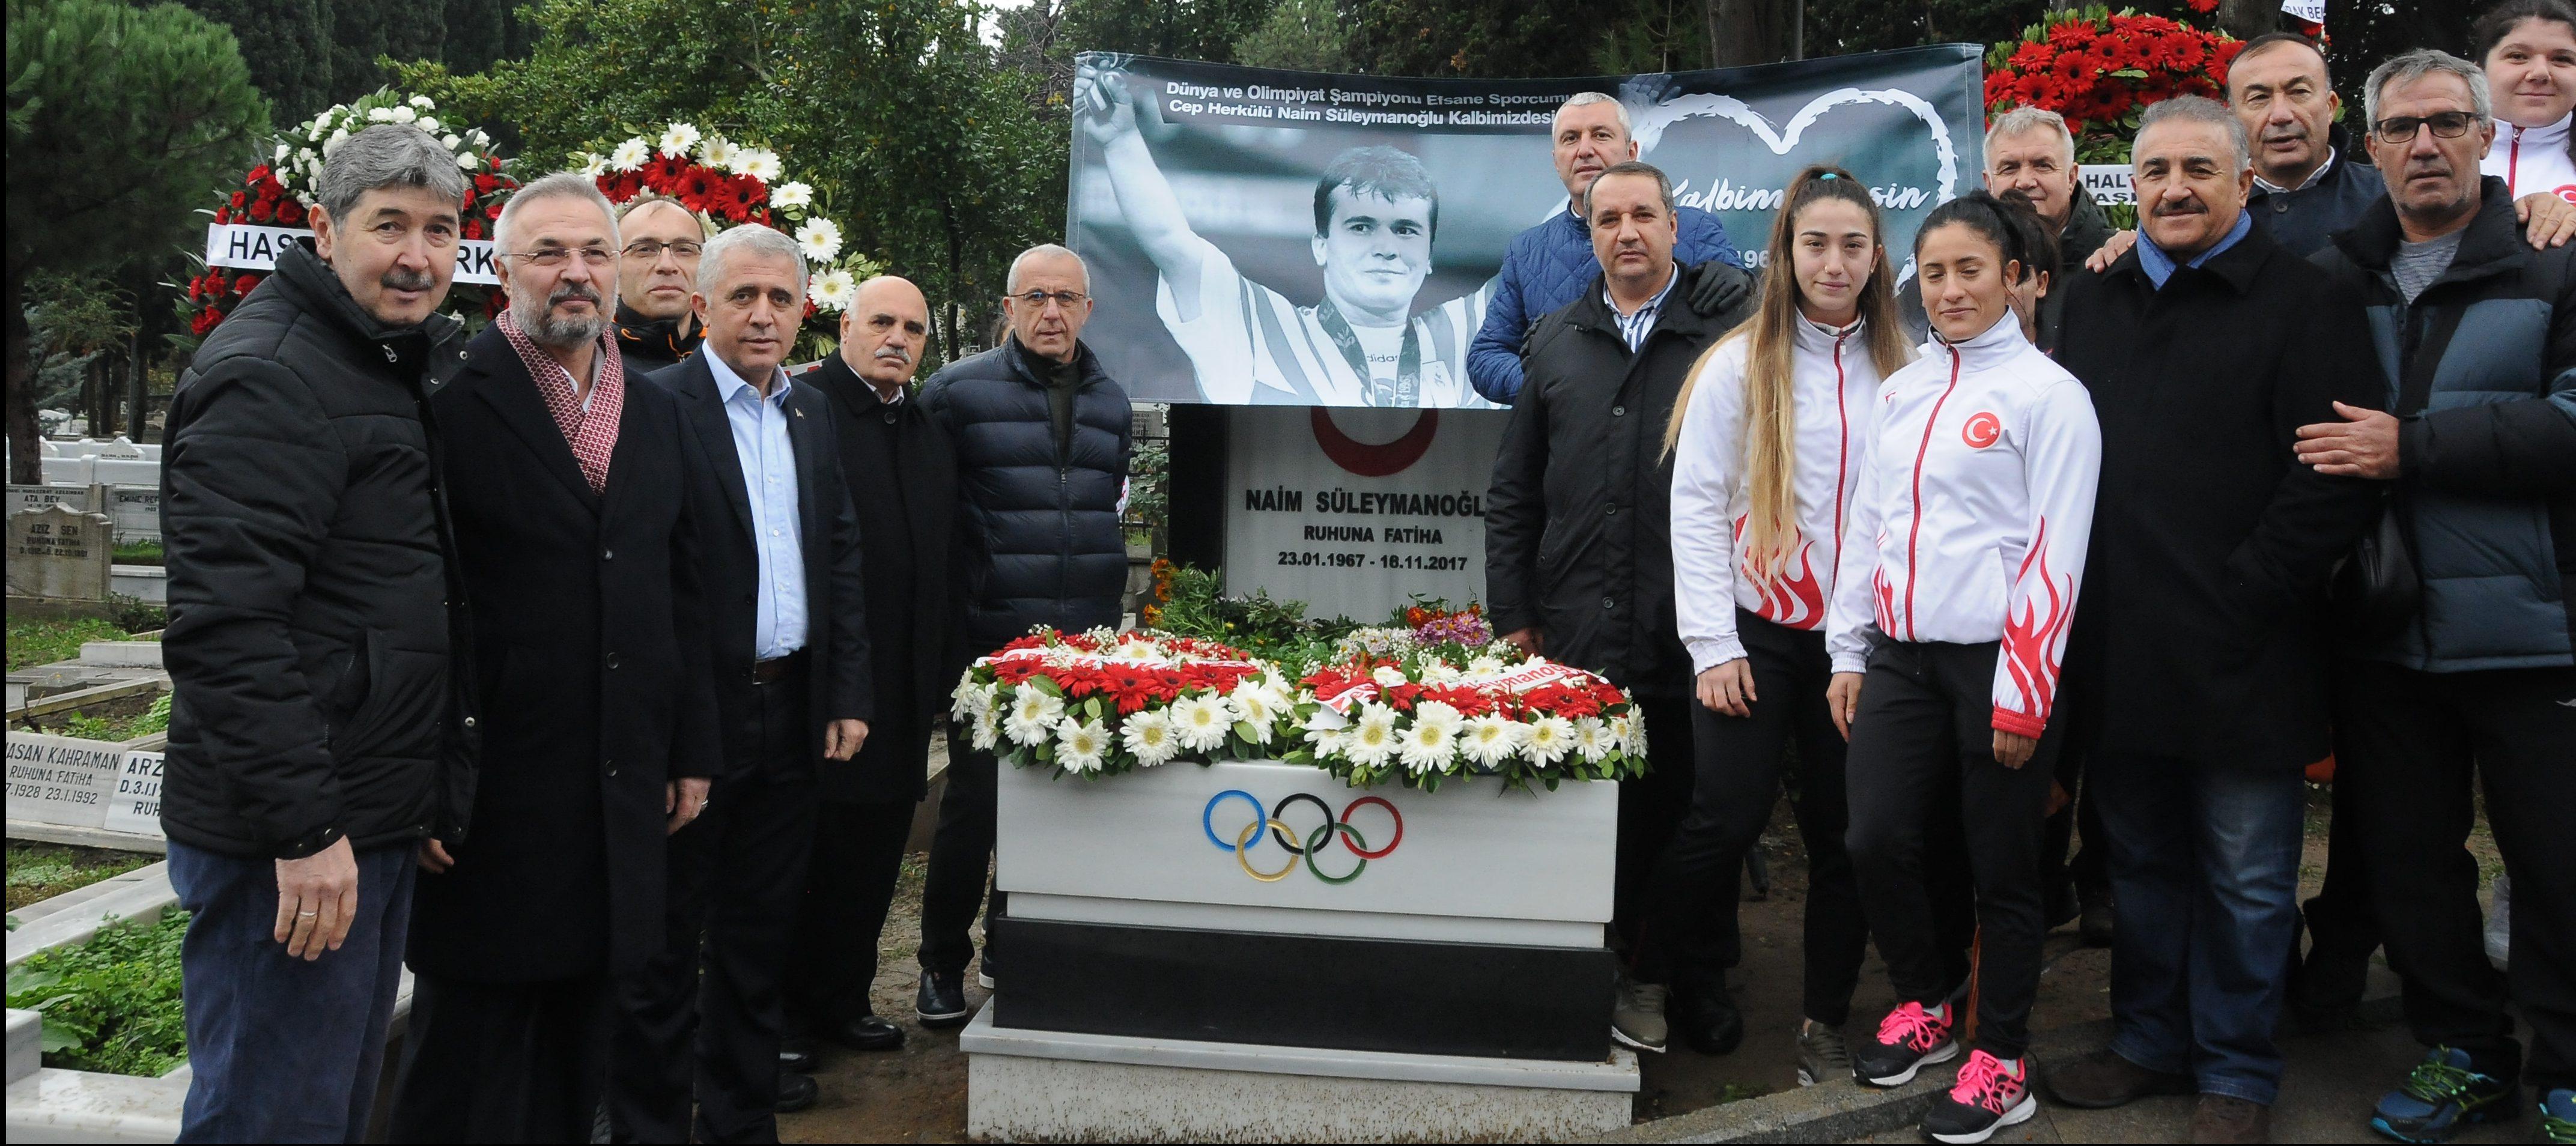 Dünya halterinin efsane ismi Naim Süleymanoğlu için, ölümünün birinci yıldönümünde kabri başında anma töreni düzenlendi.